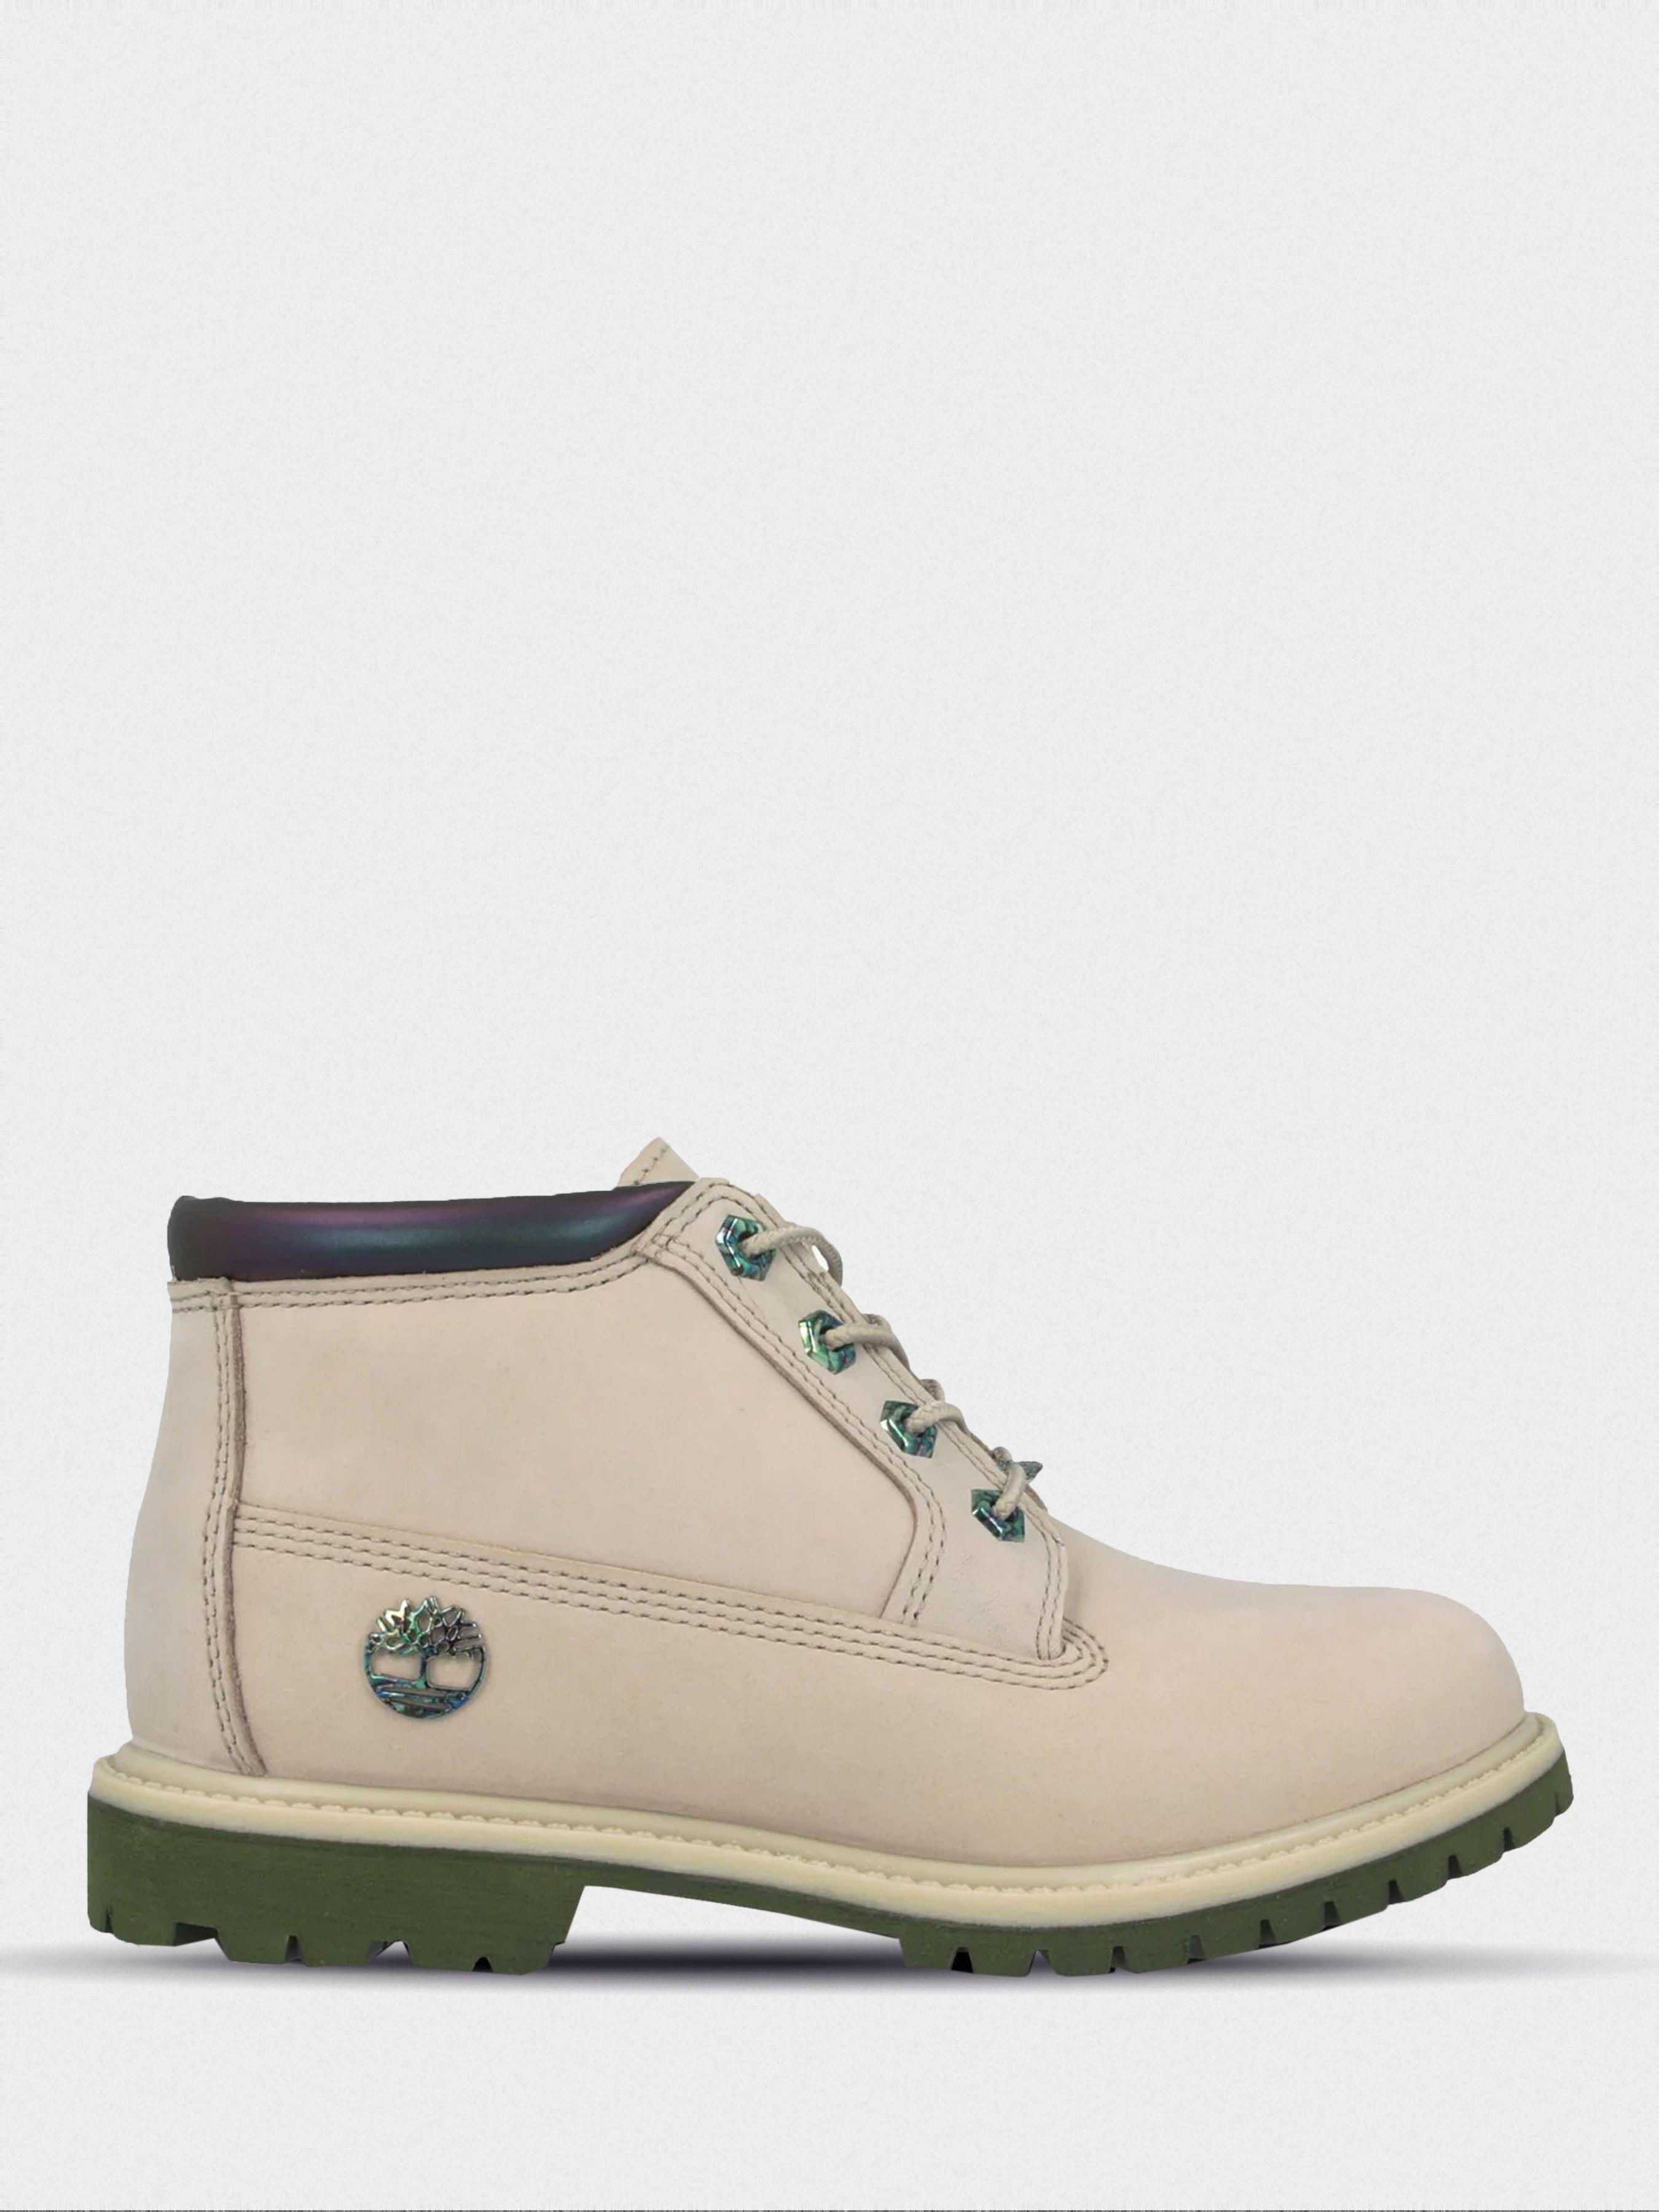 Купить Ботинки женские Timberland Nellie TG2312, Бежевый